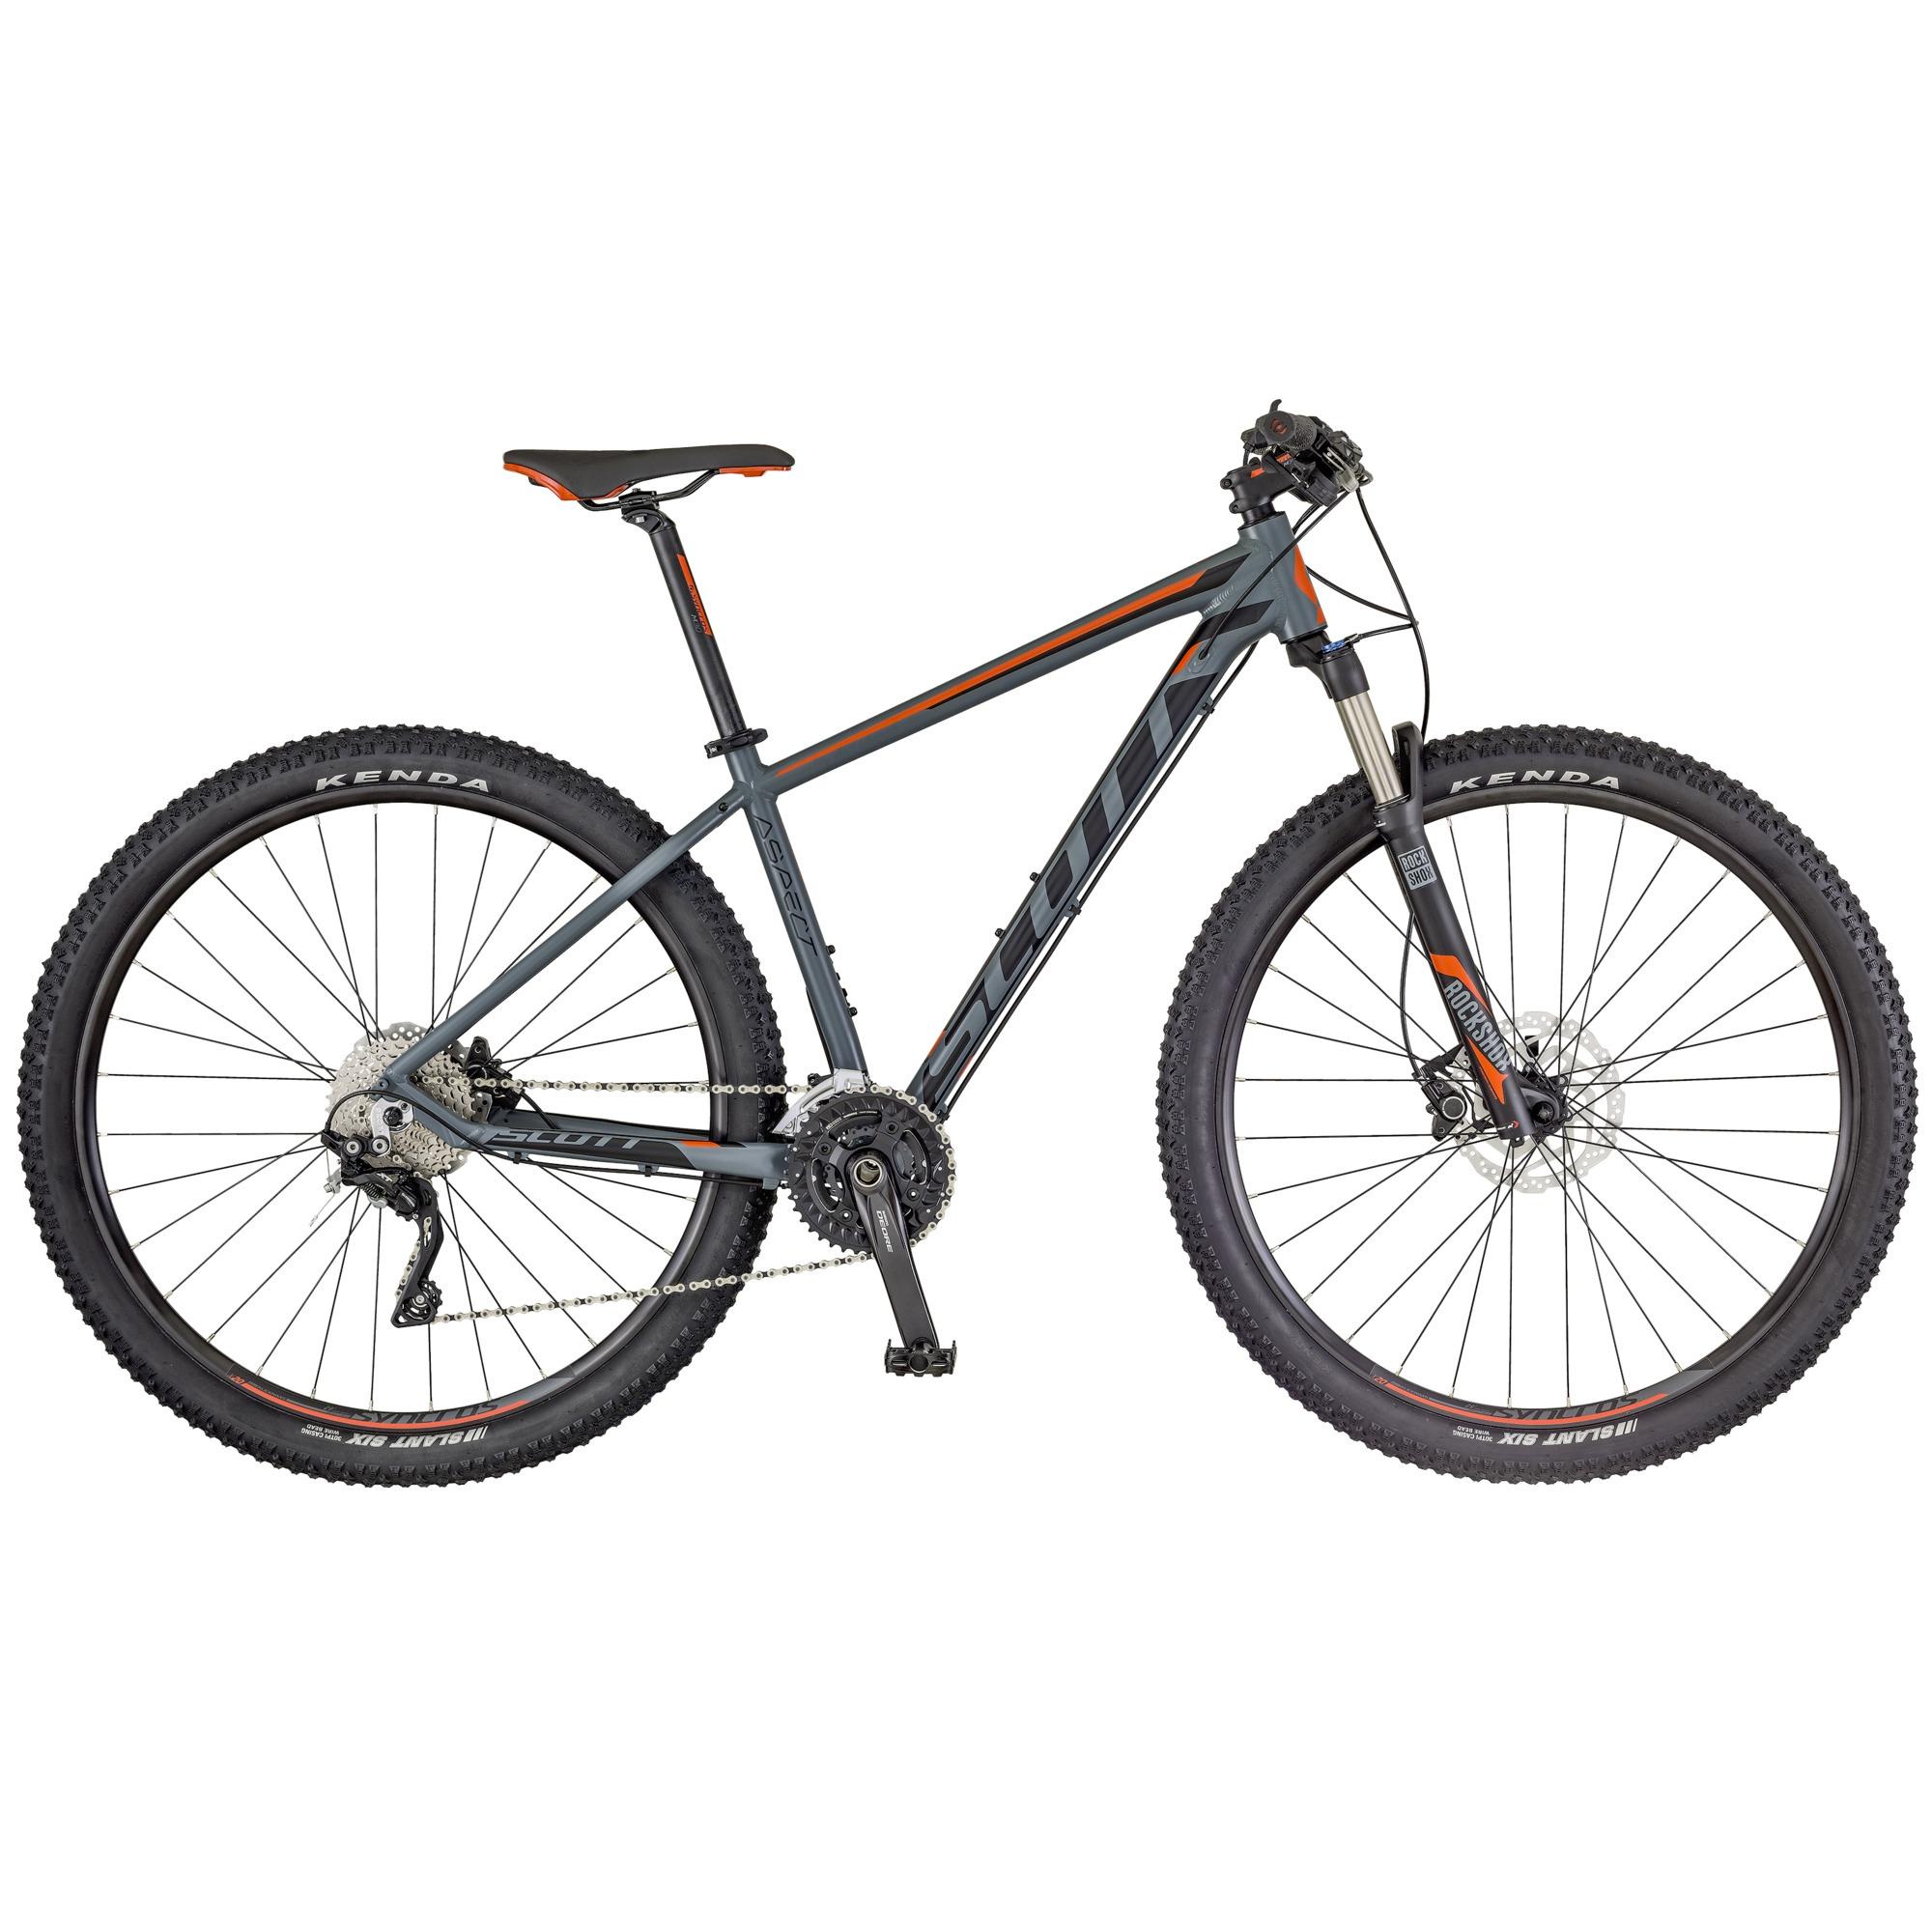 SCOTT Aspect 910 Bike XL - Zweirad Homann